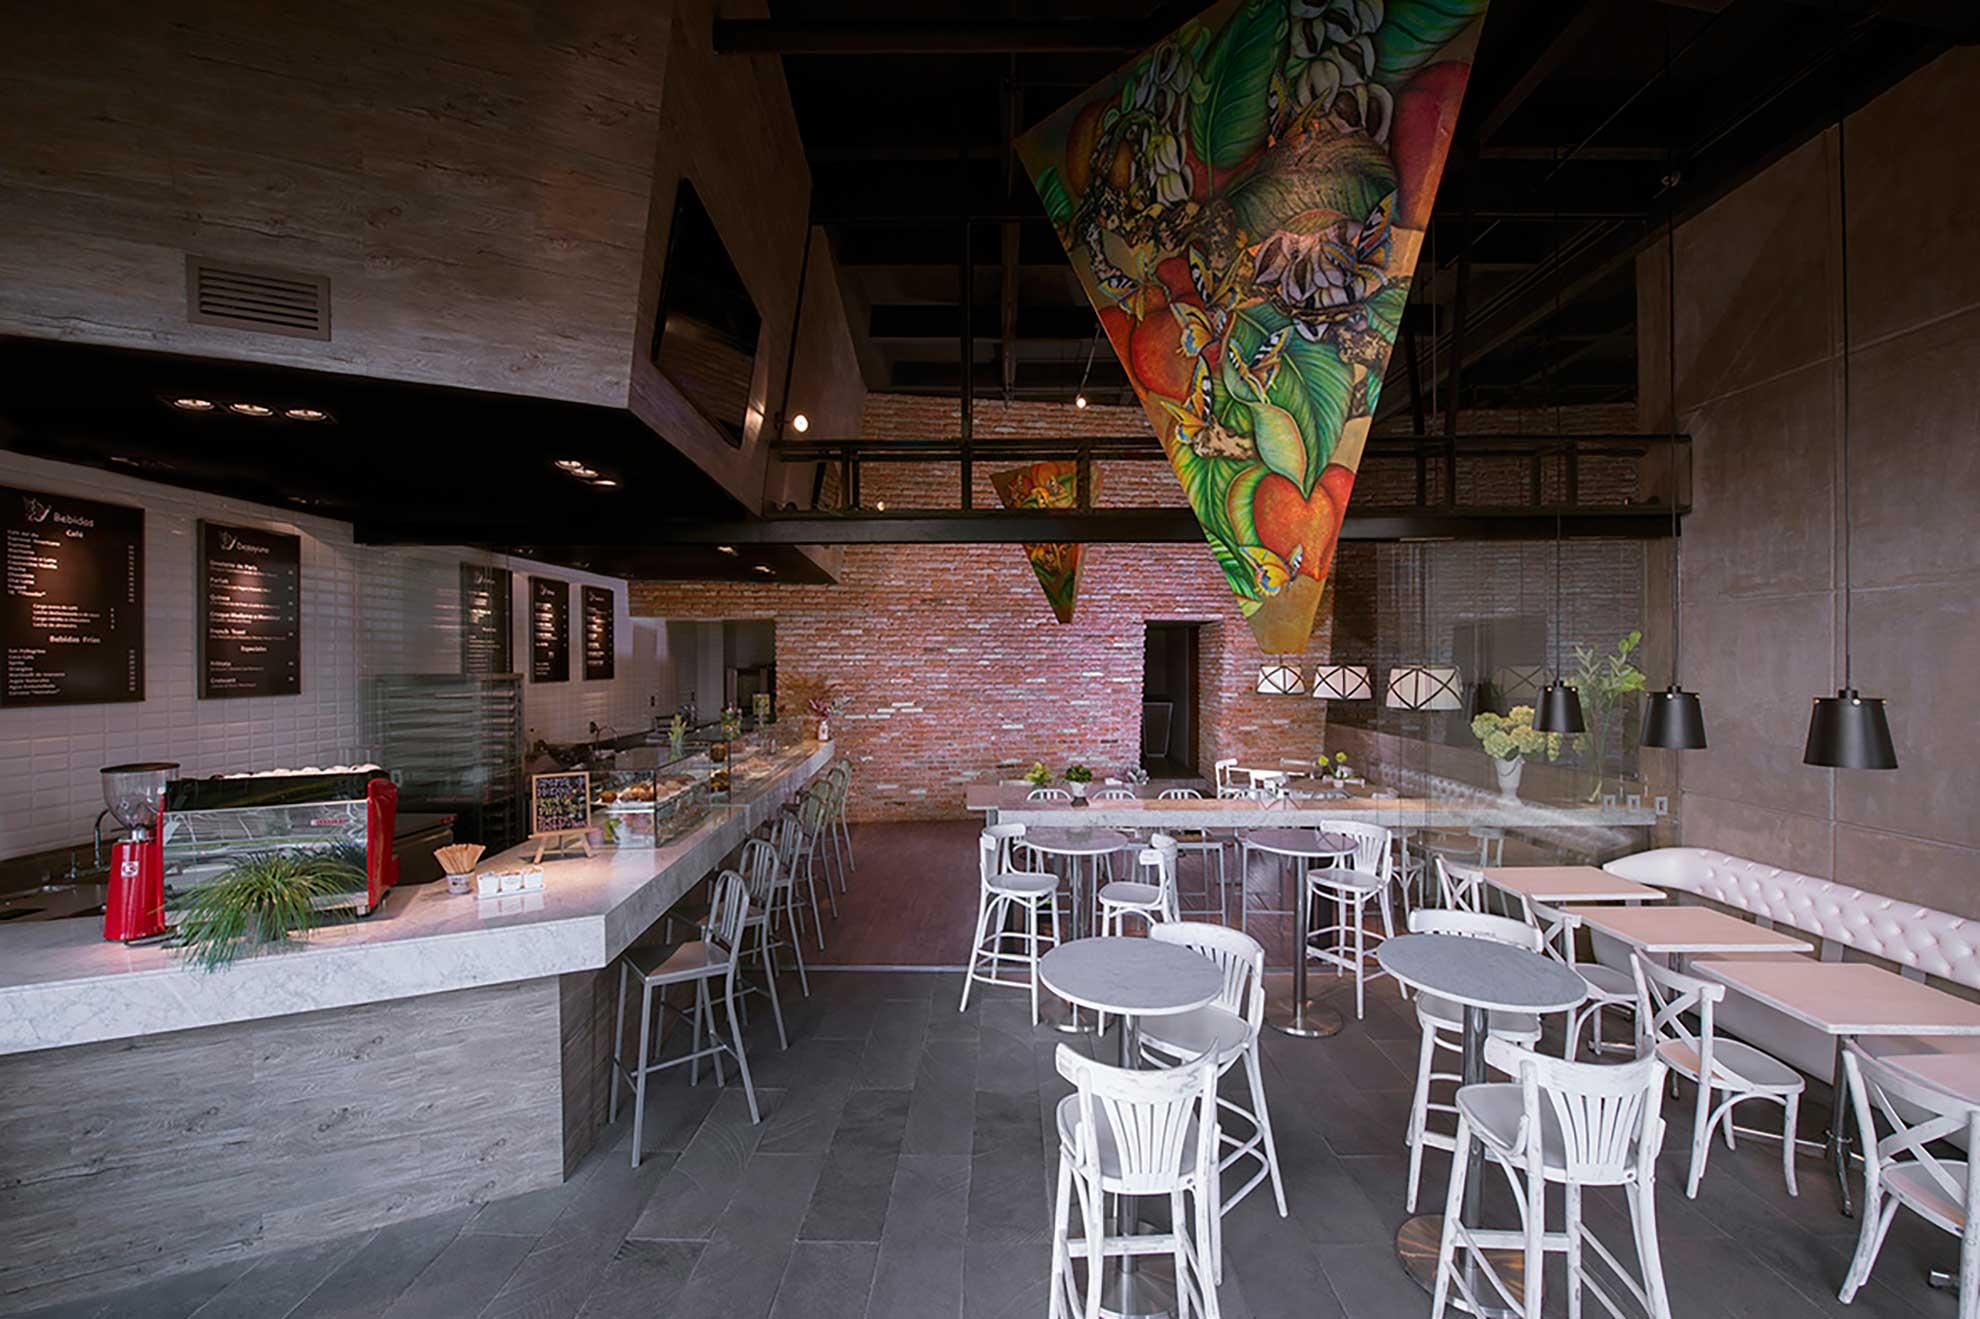 Restaurante Deli Bakery de comida internacional ubicado en Santa Fe, cuenta con piezas de Depa 102